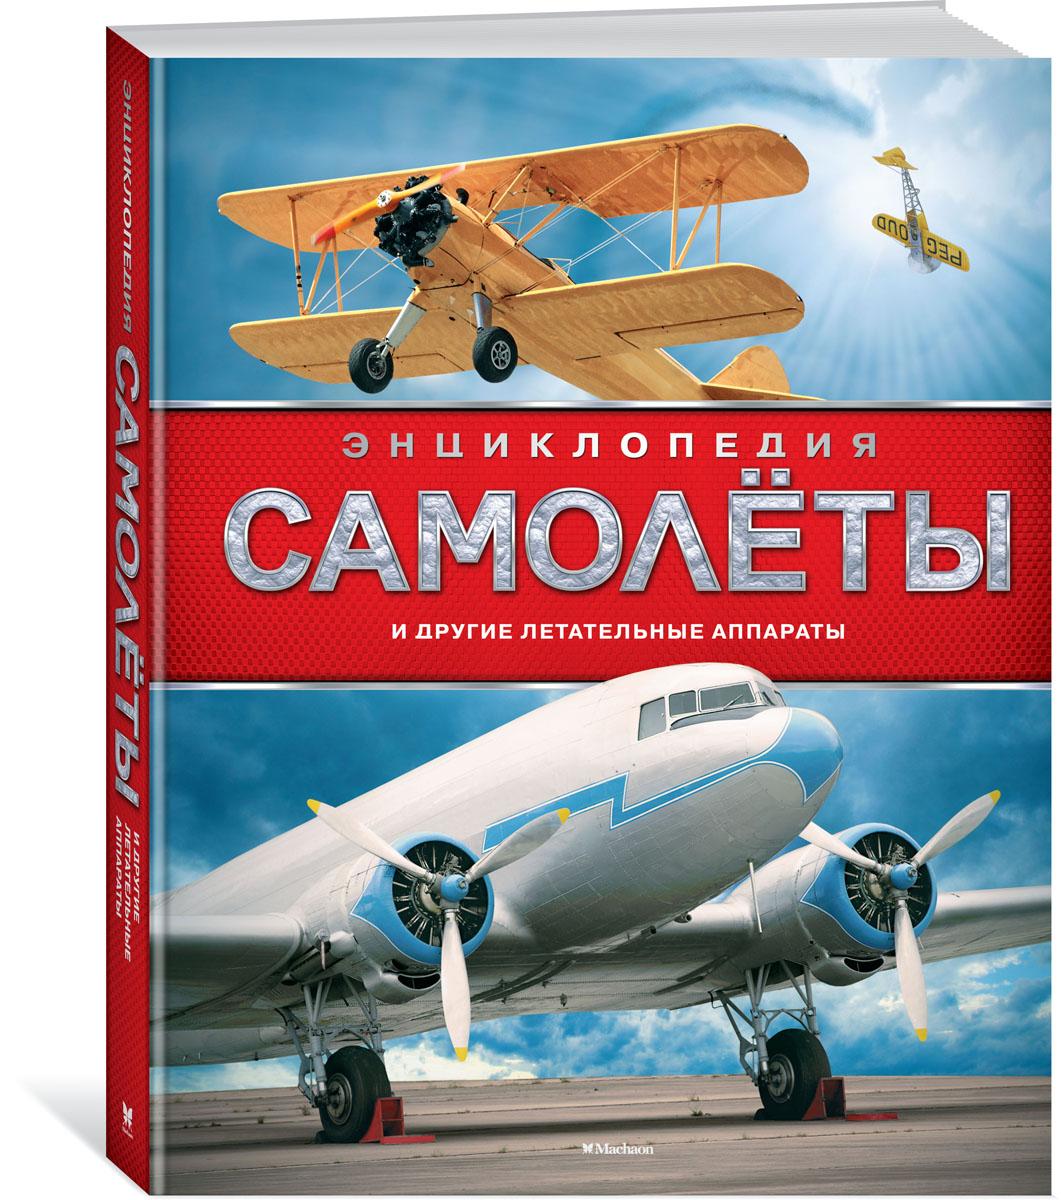 Хансен У. Самолёты и другие летательные аппараты